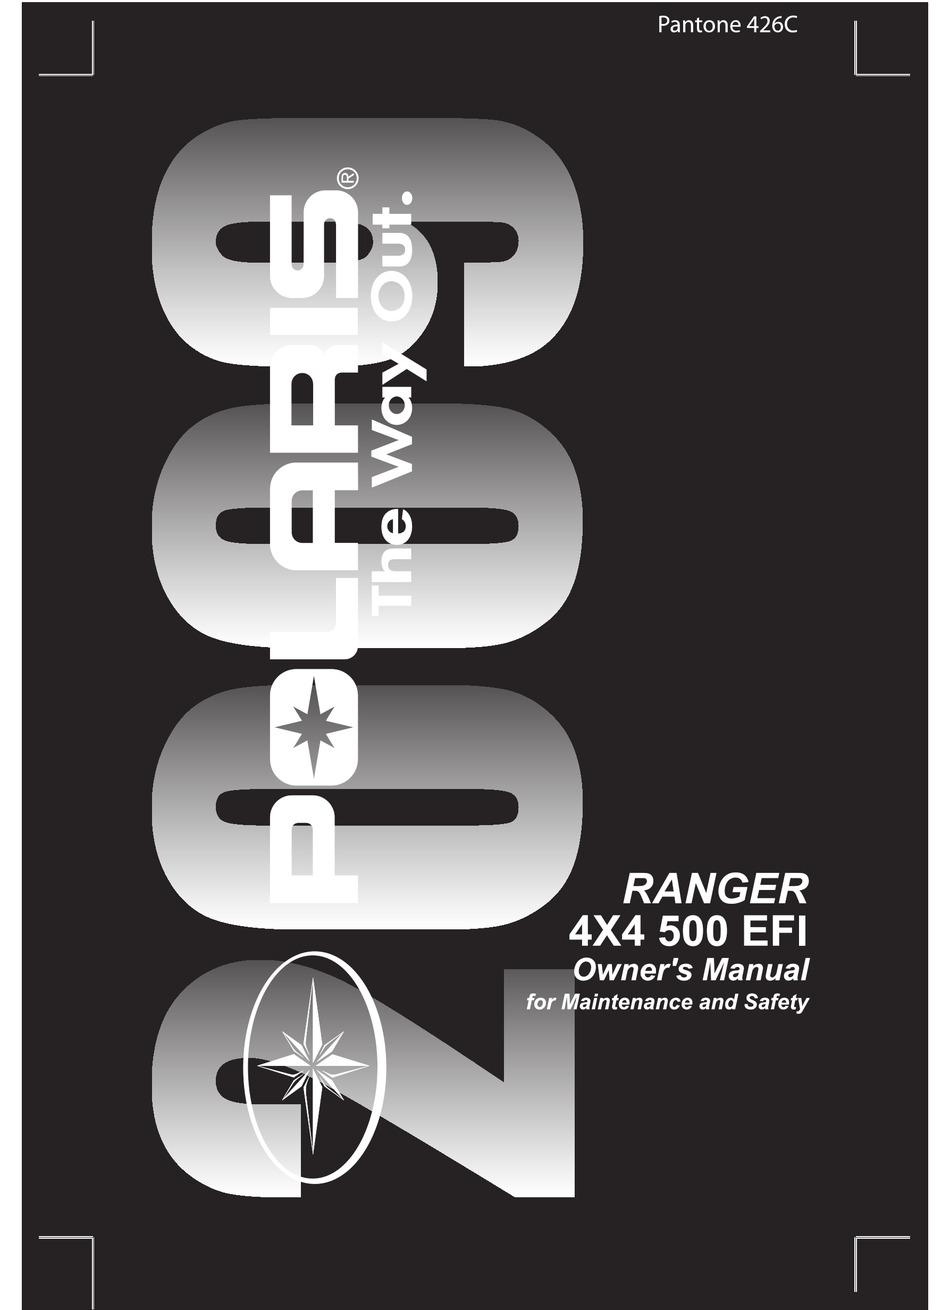 Polaris Ranger 4x4 500 Efi Owner S Manual Pdf Download Manualslib